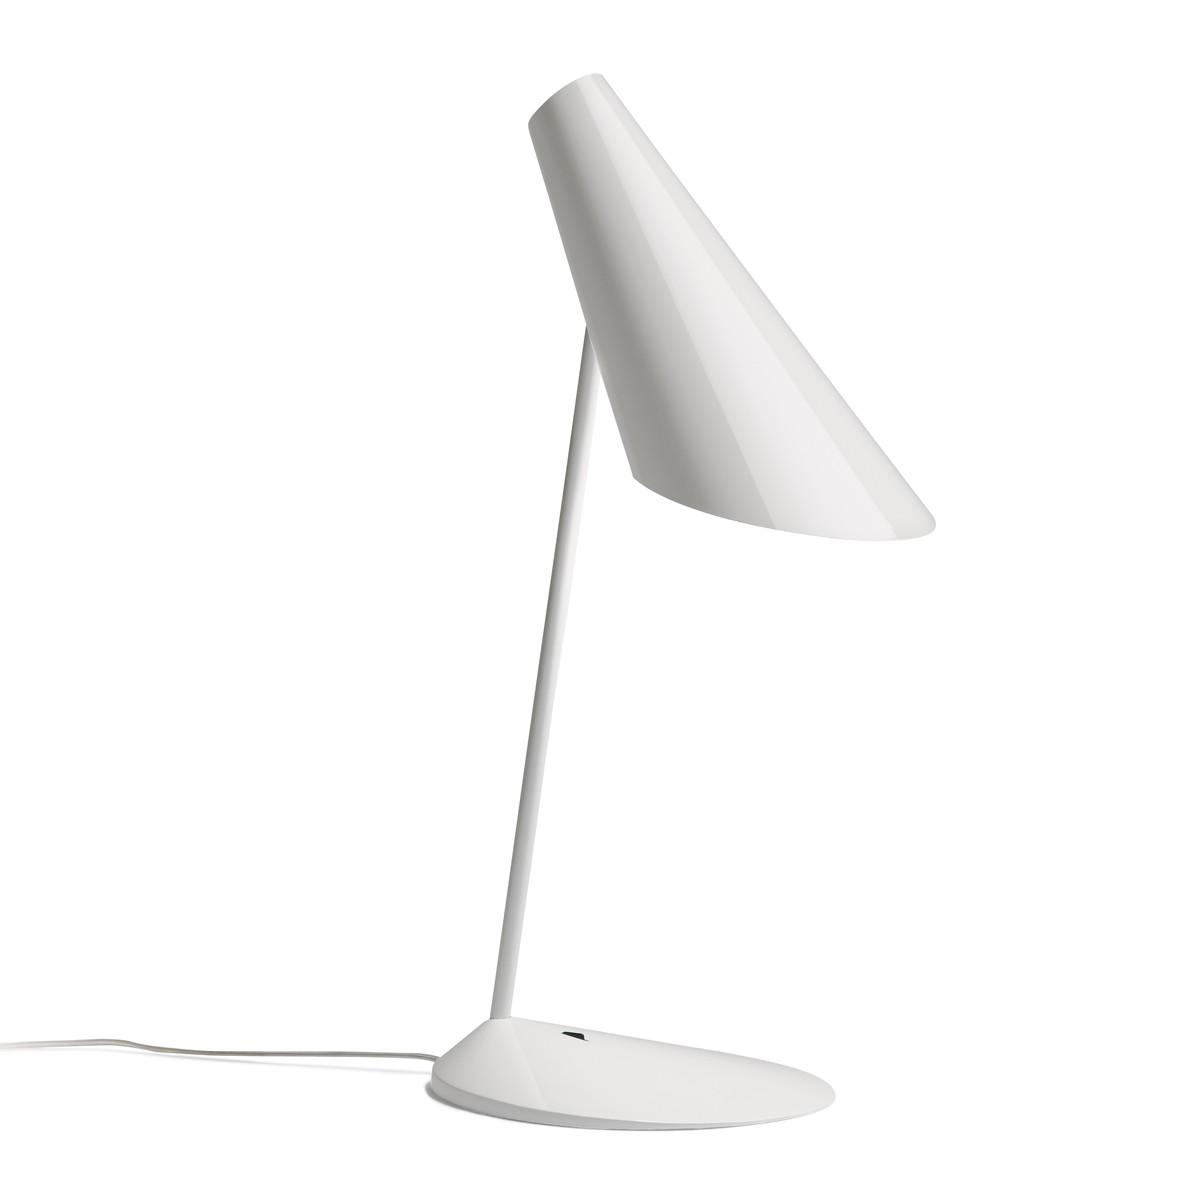 Vibia I.Cono 0700 Tischleuchte, weiß glänzend